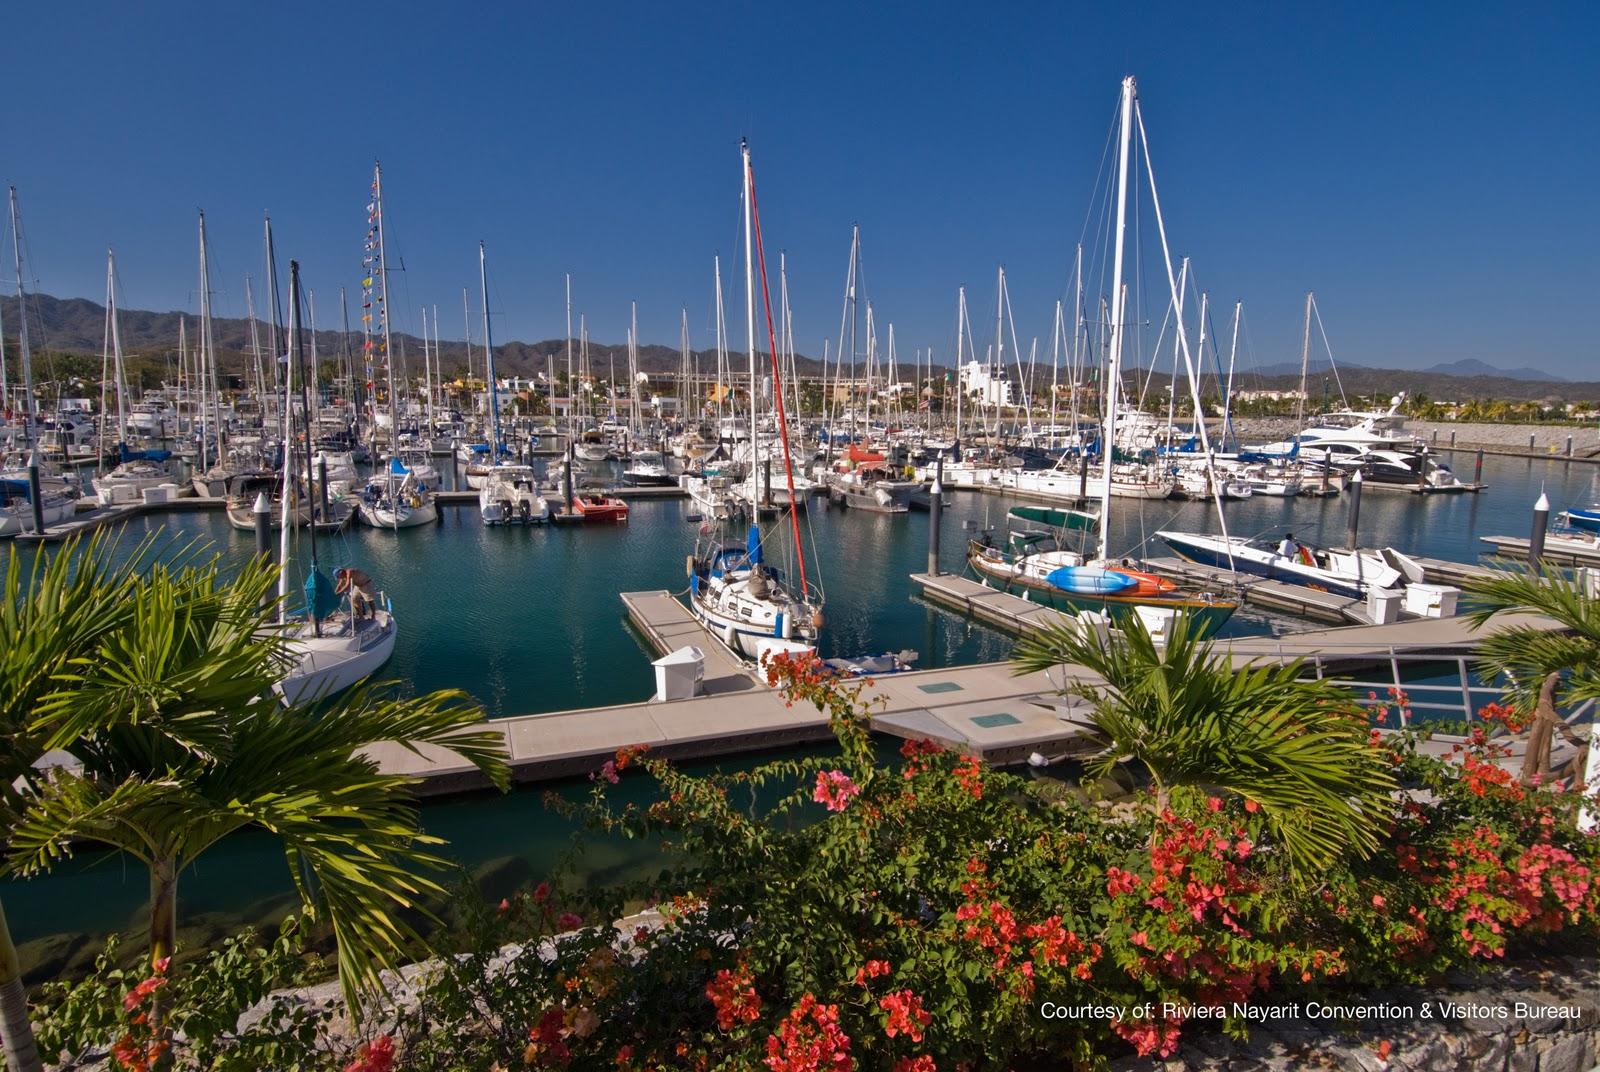 Brazilian travel agents will visit Riviera Nayarit